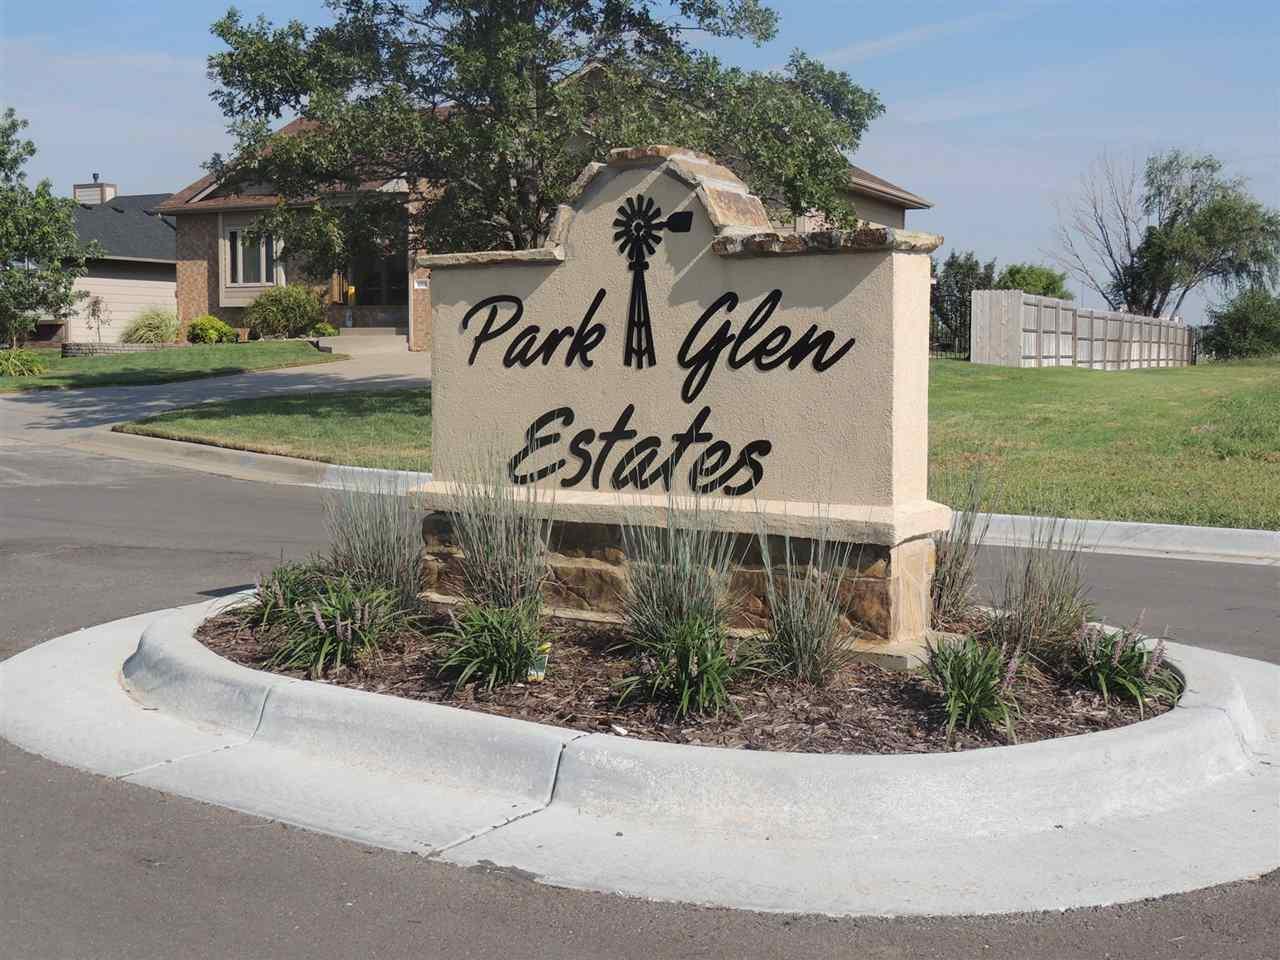 1017 E PARK GLEN ST, Clearwater, KS 67026